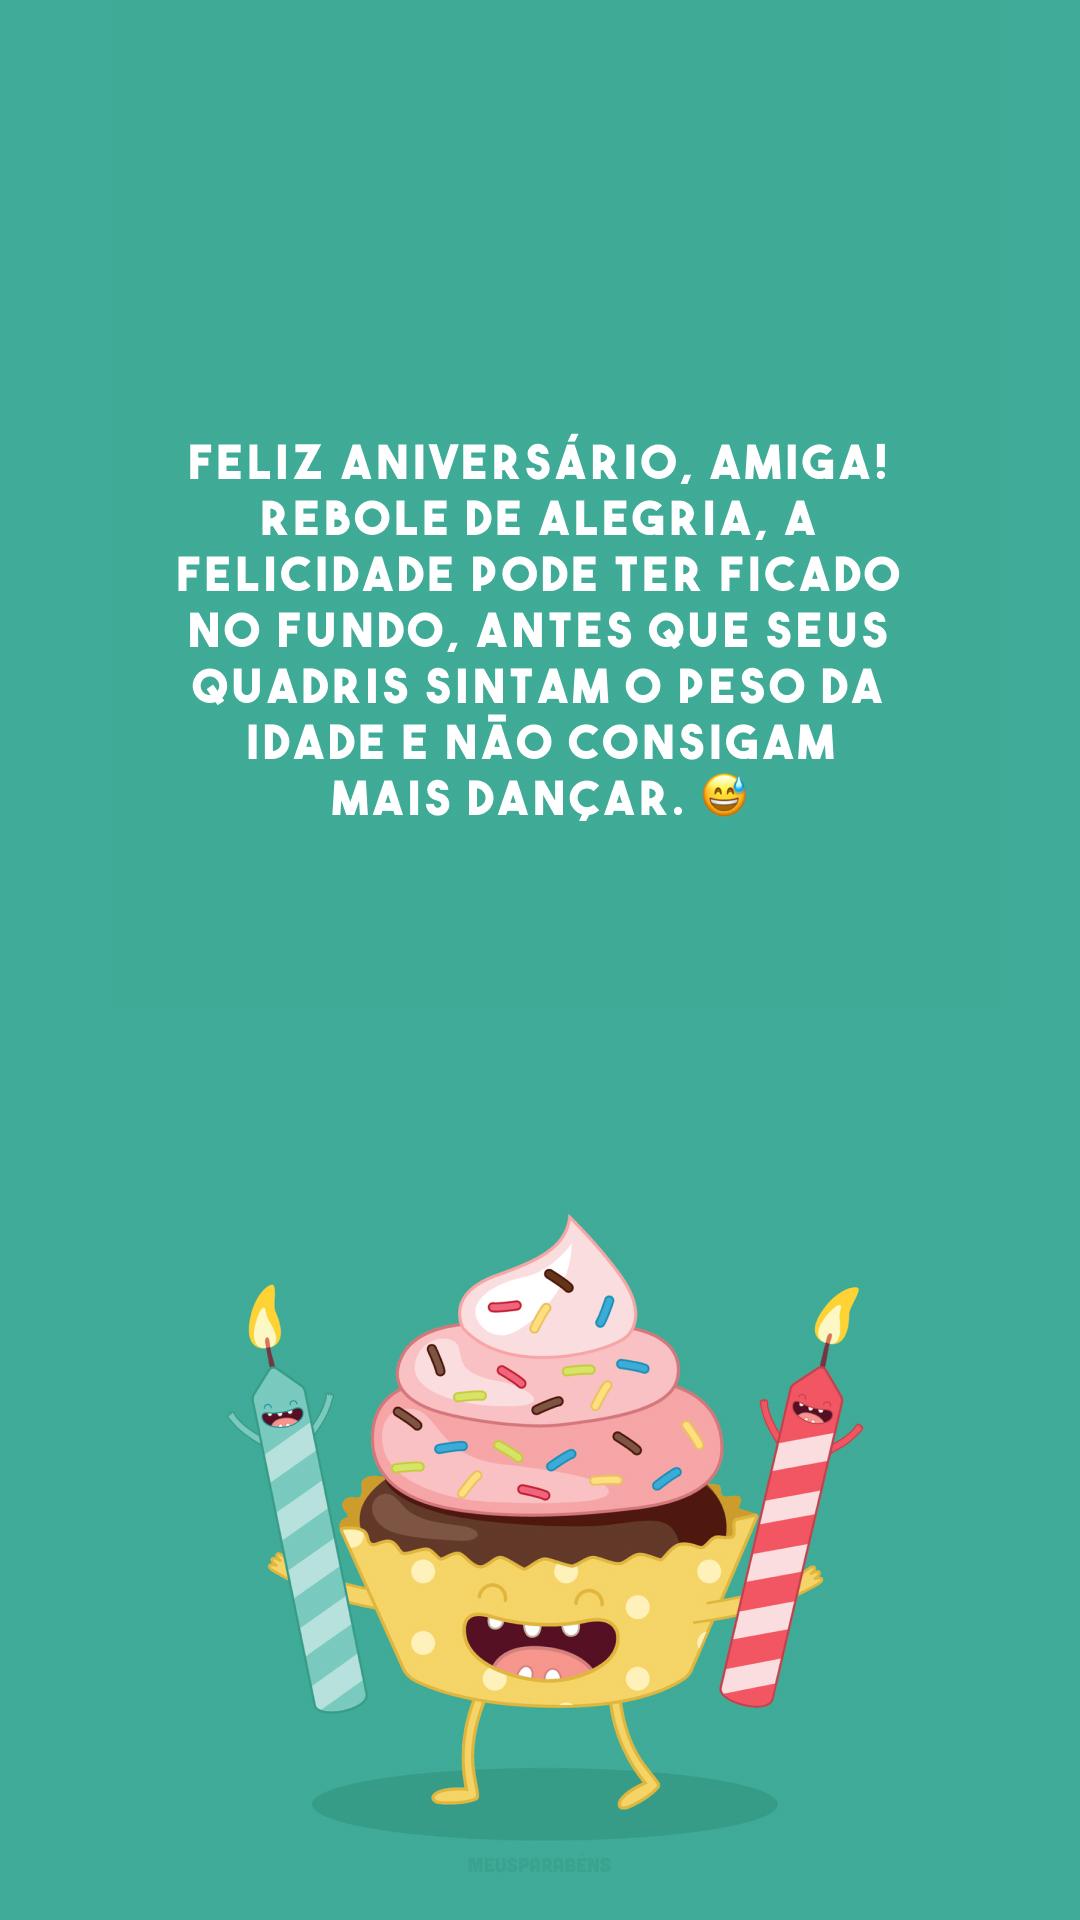 Feliz aniversário, amiga! Rebole de alegria, a felicidade pode ter ficado no fundo, antes que seus quadris sintam o peso da idade e não consigam mais dançar. 😅